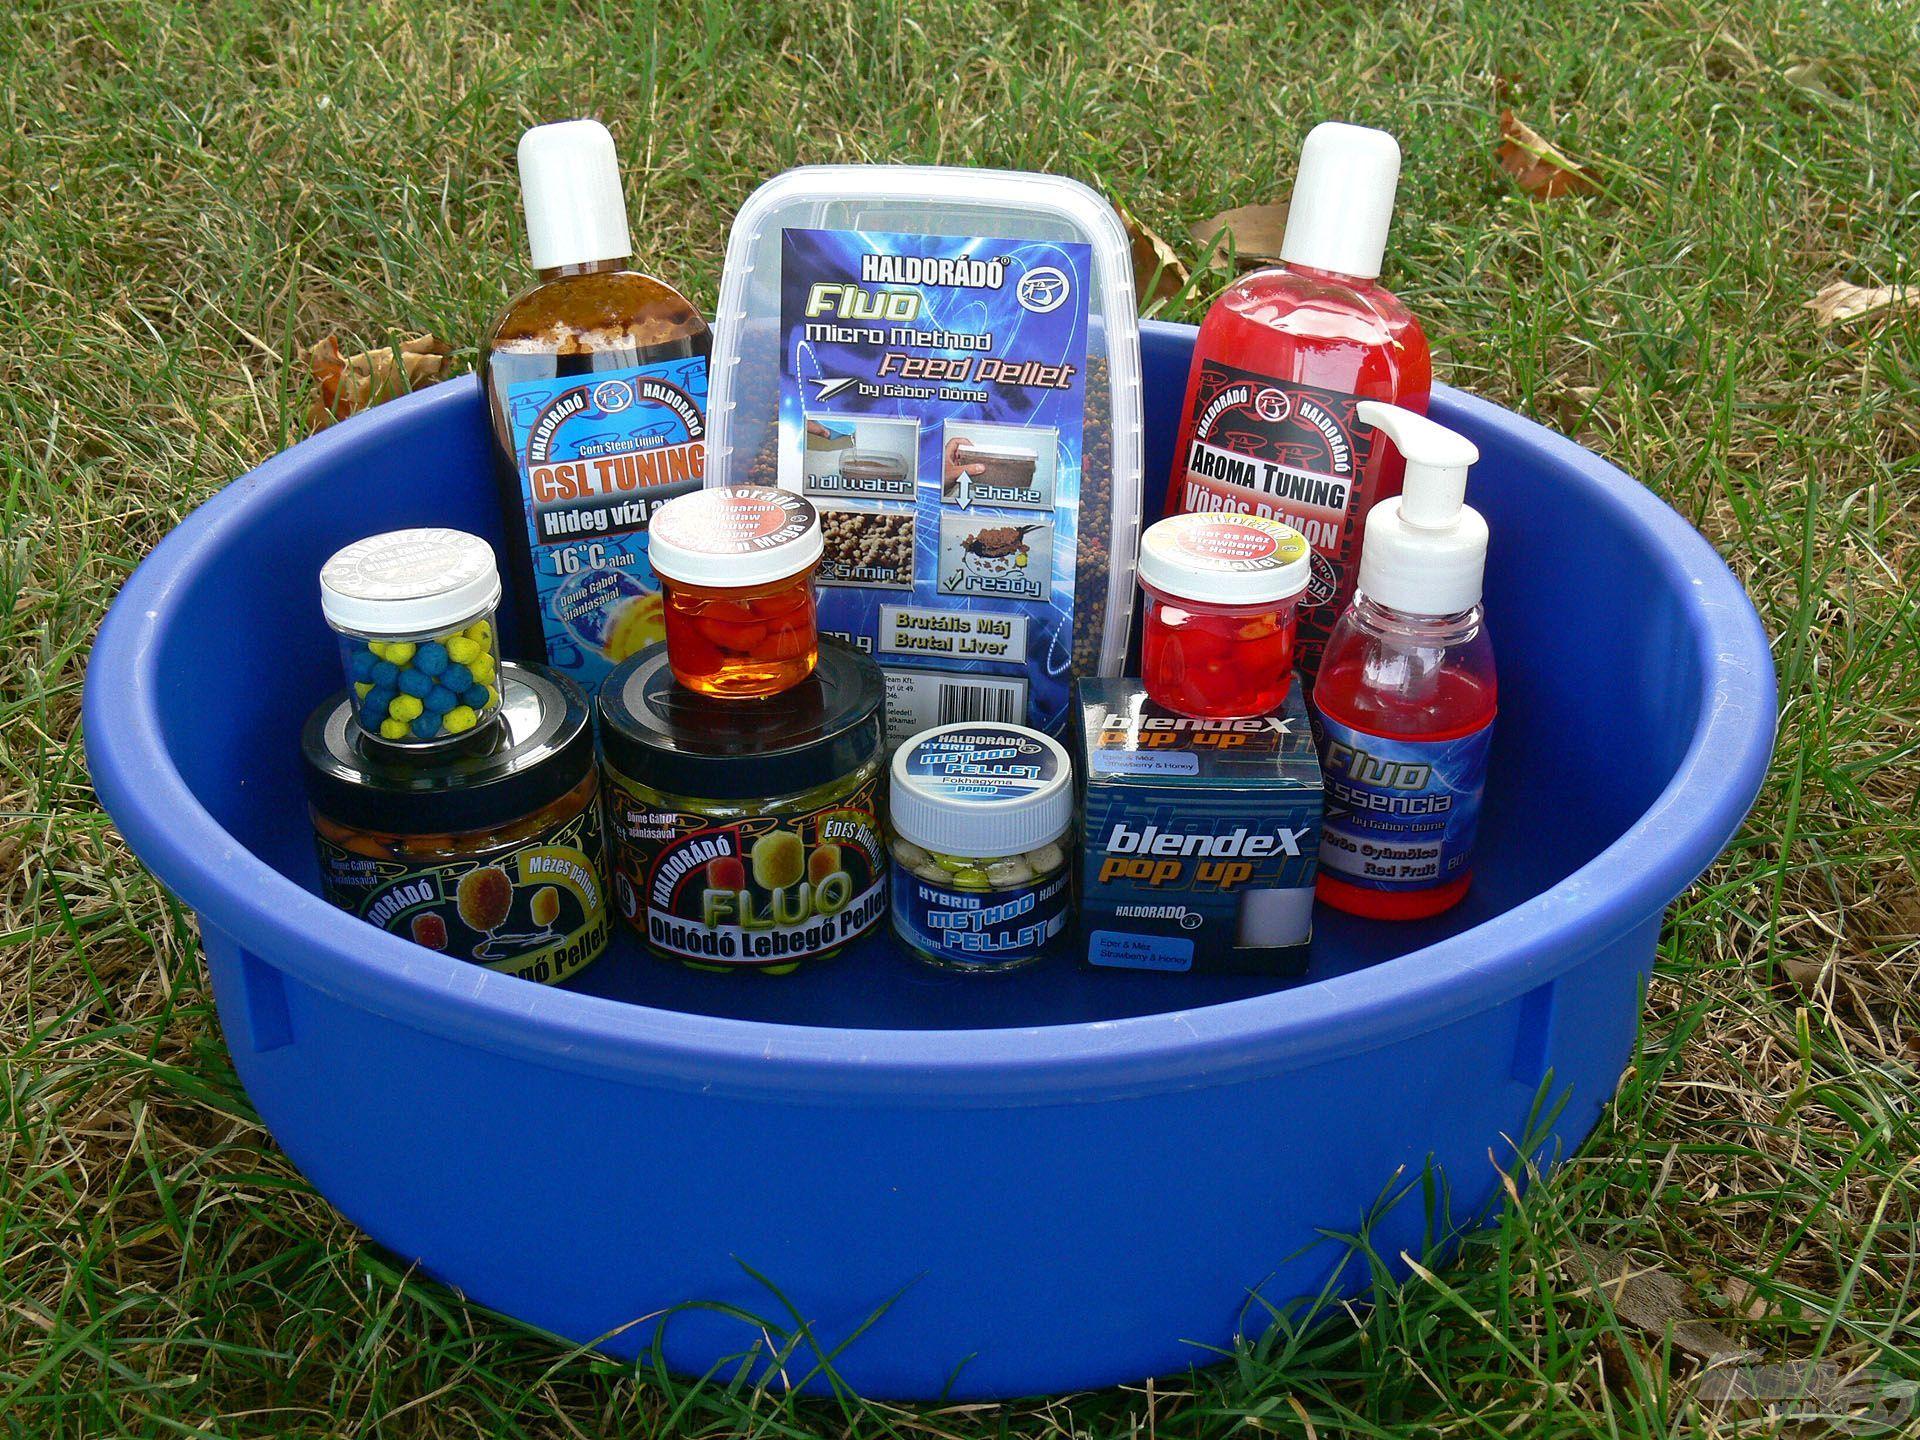 A tálca tökéletes megoldást kínál különféle csalik, aromák, illetve akár bekevert etetőanyagok tárolásához